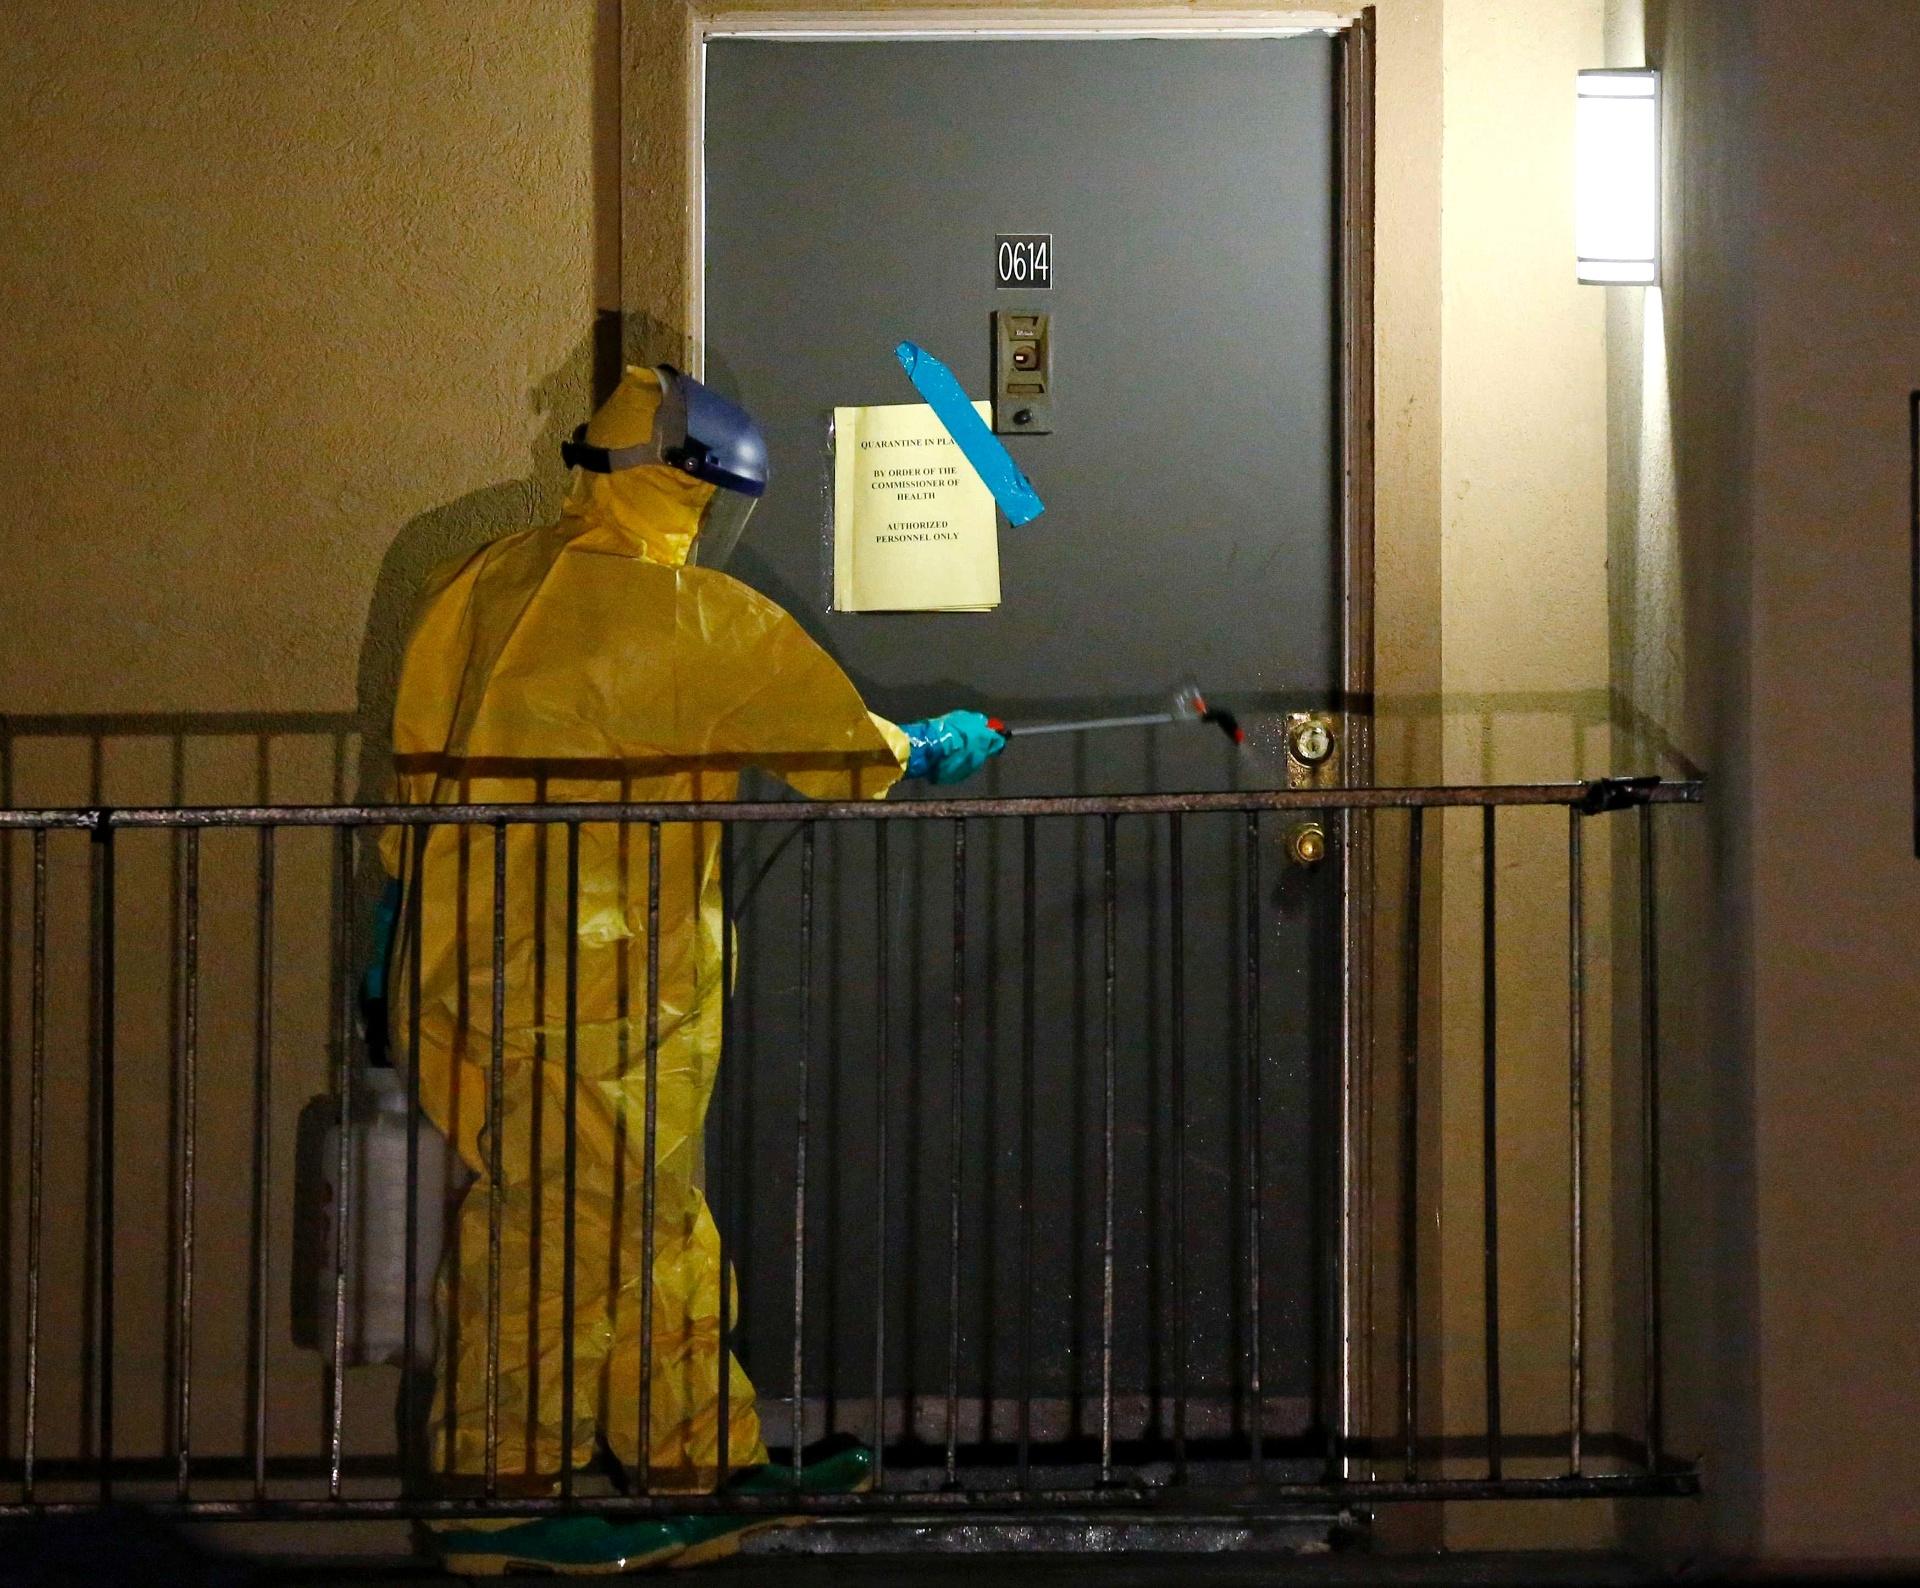 5.out.2014 - Funcionário de saúde pulveriza a porta do apartamento onde um norte-americano diagnosticado com o vírus ebola estava hospedado, em Dallas, Texas, na madrugada deste domingo (5). O estado de saúde do primeiro paciente com ebola diagnosticado nos EUA piorou neste sábado, passando de grave para crítico, enquanto permanece internado em Dallas. Enquanto isso, as autoridades de saúde rastreiam dezenas de possíveis casos nos EUA